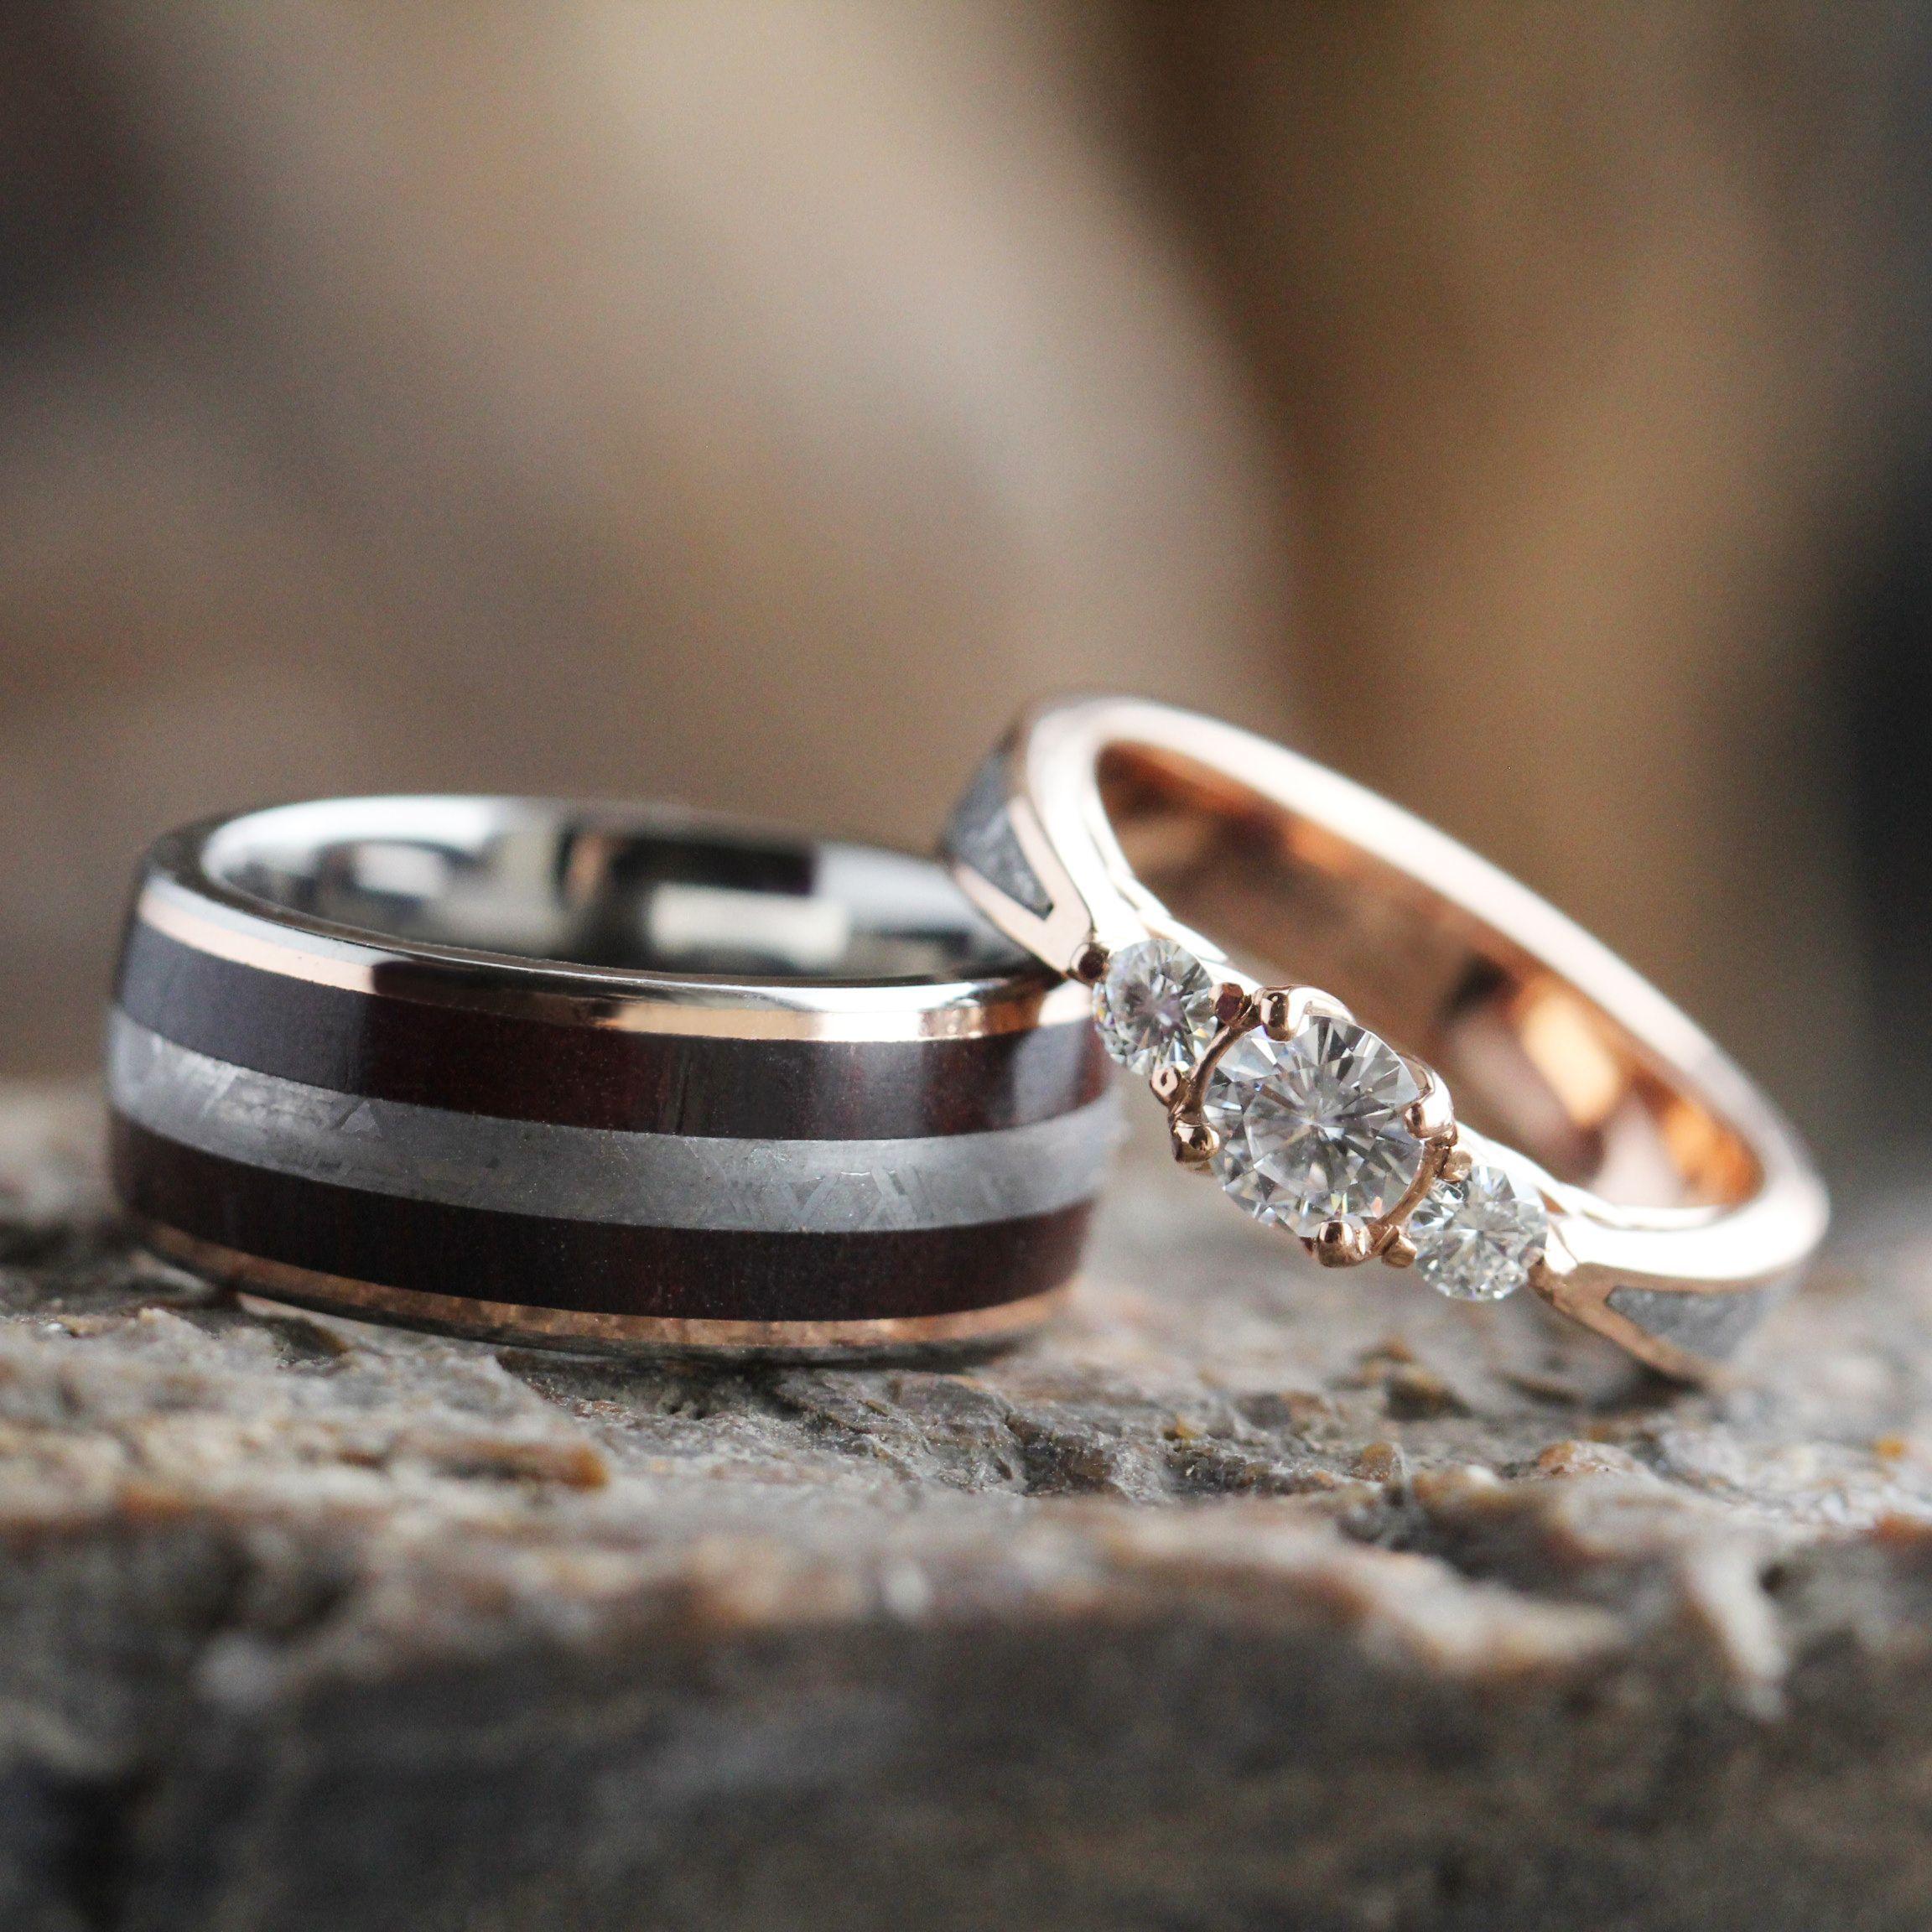 Meteorite wedding ring set moissanite engagement ring with